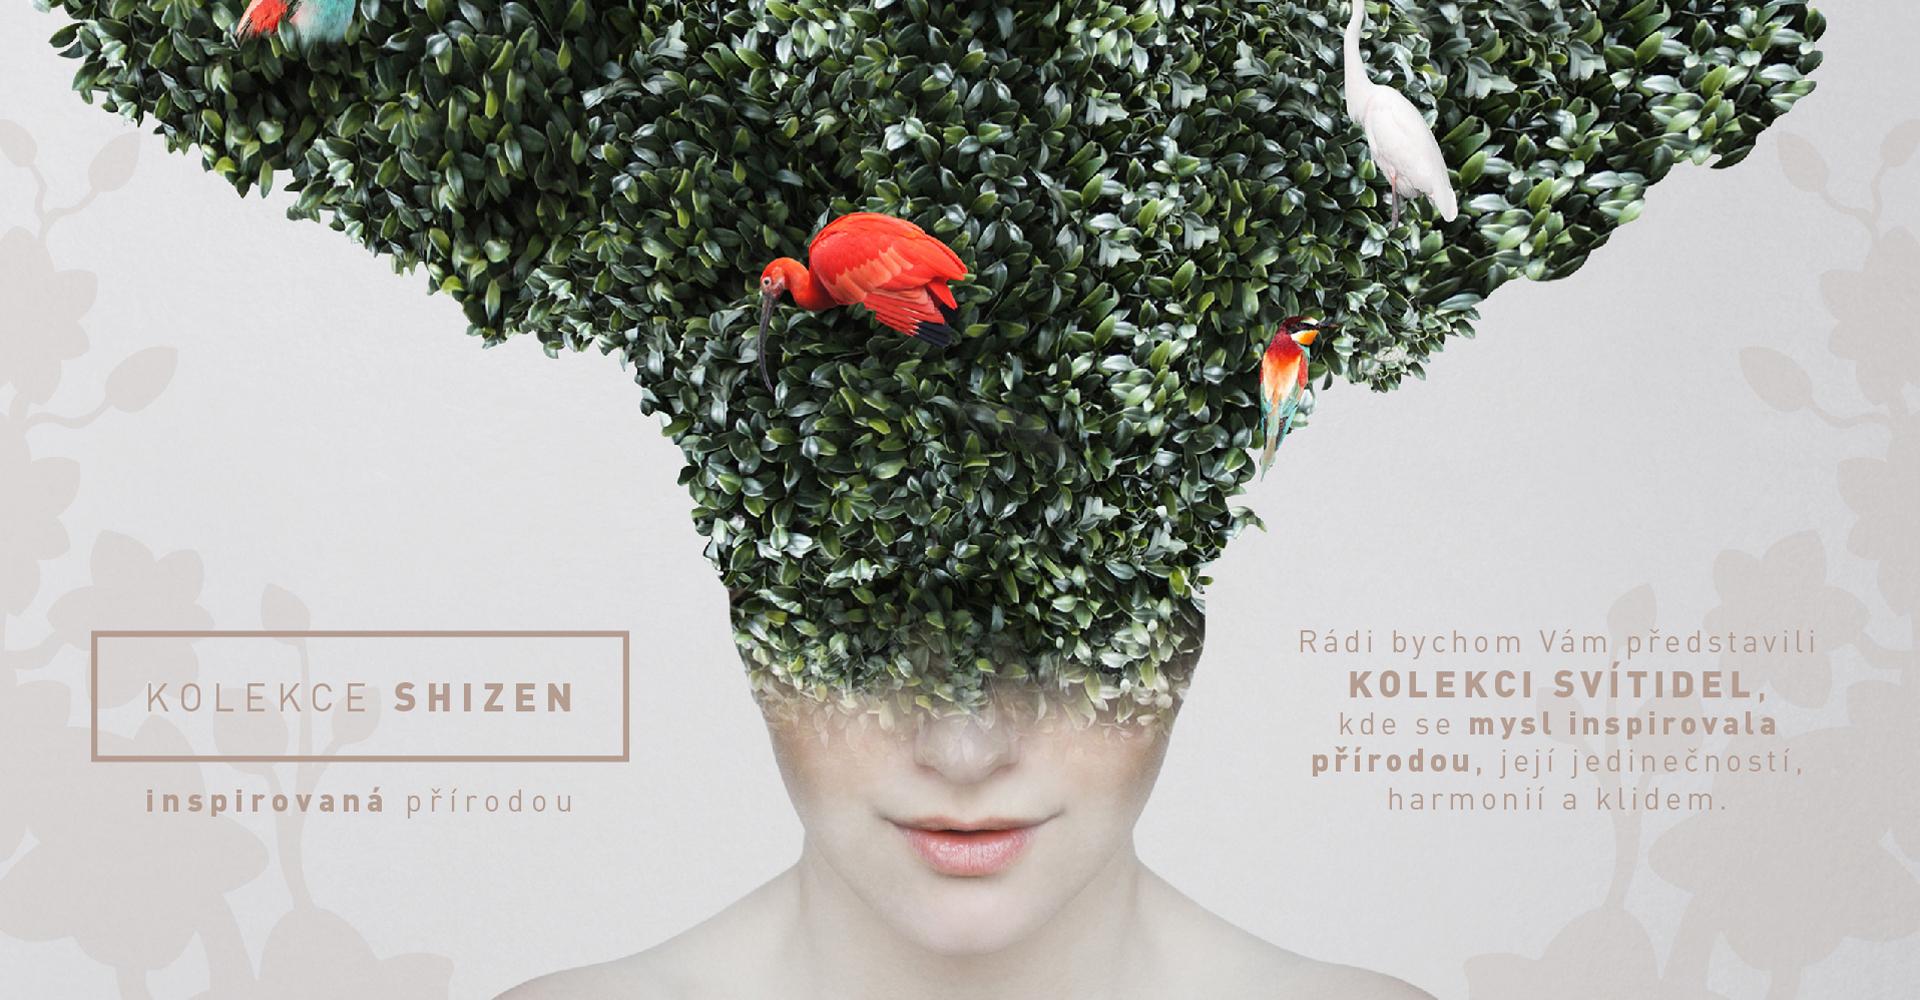 Kolekce Shizen